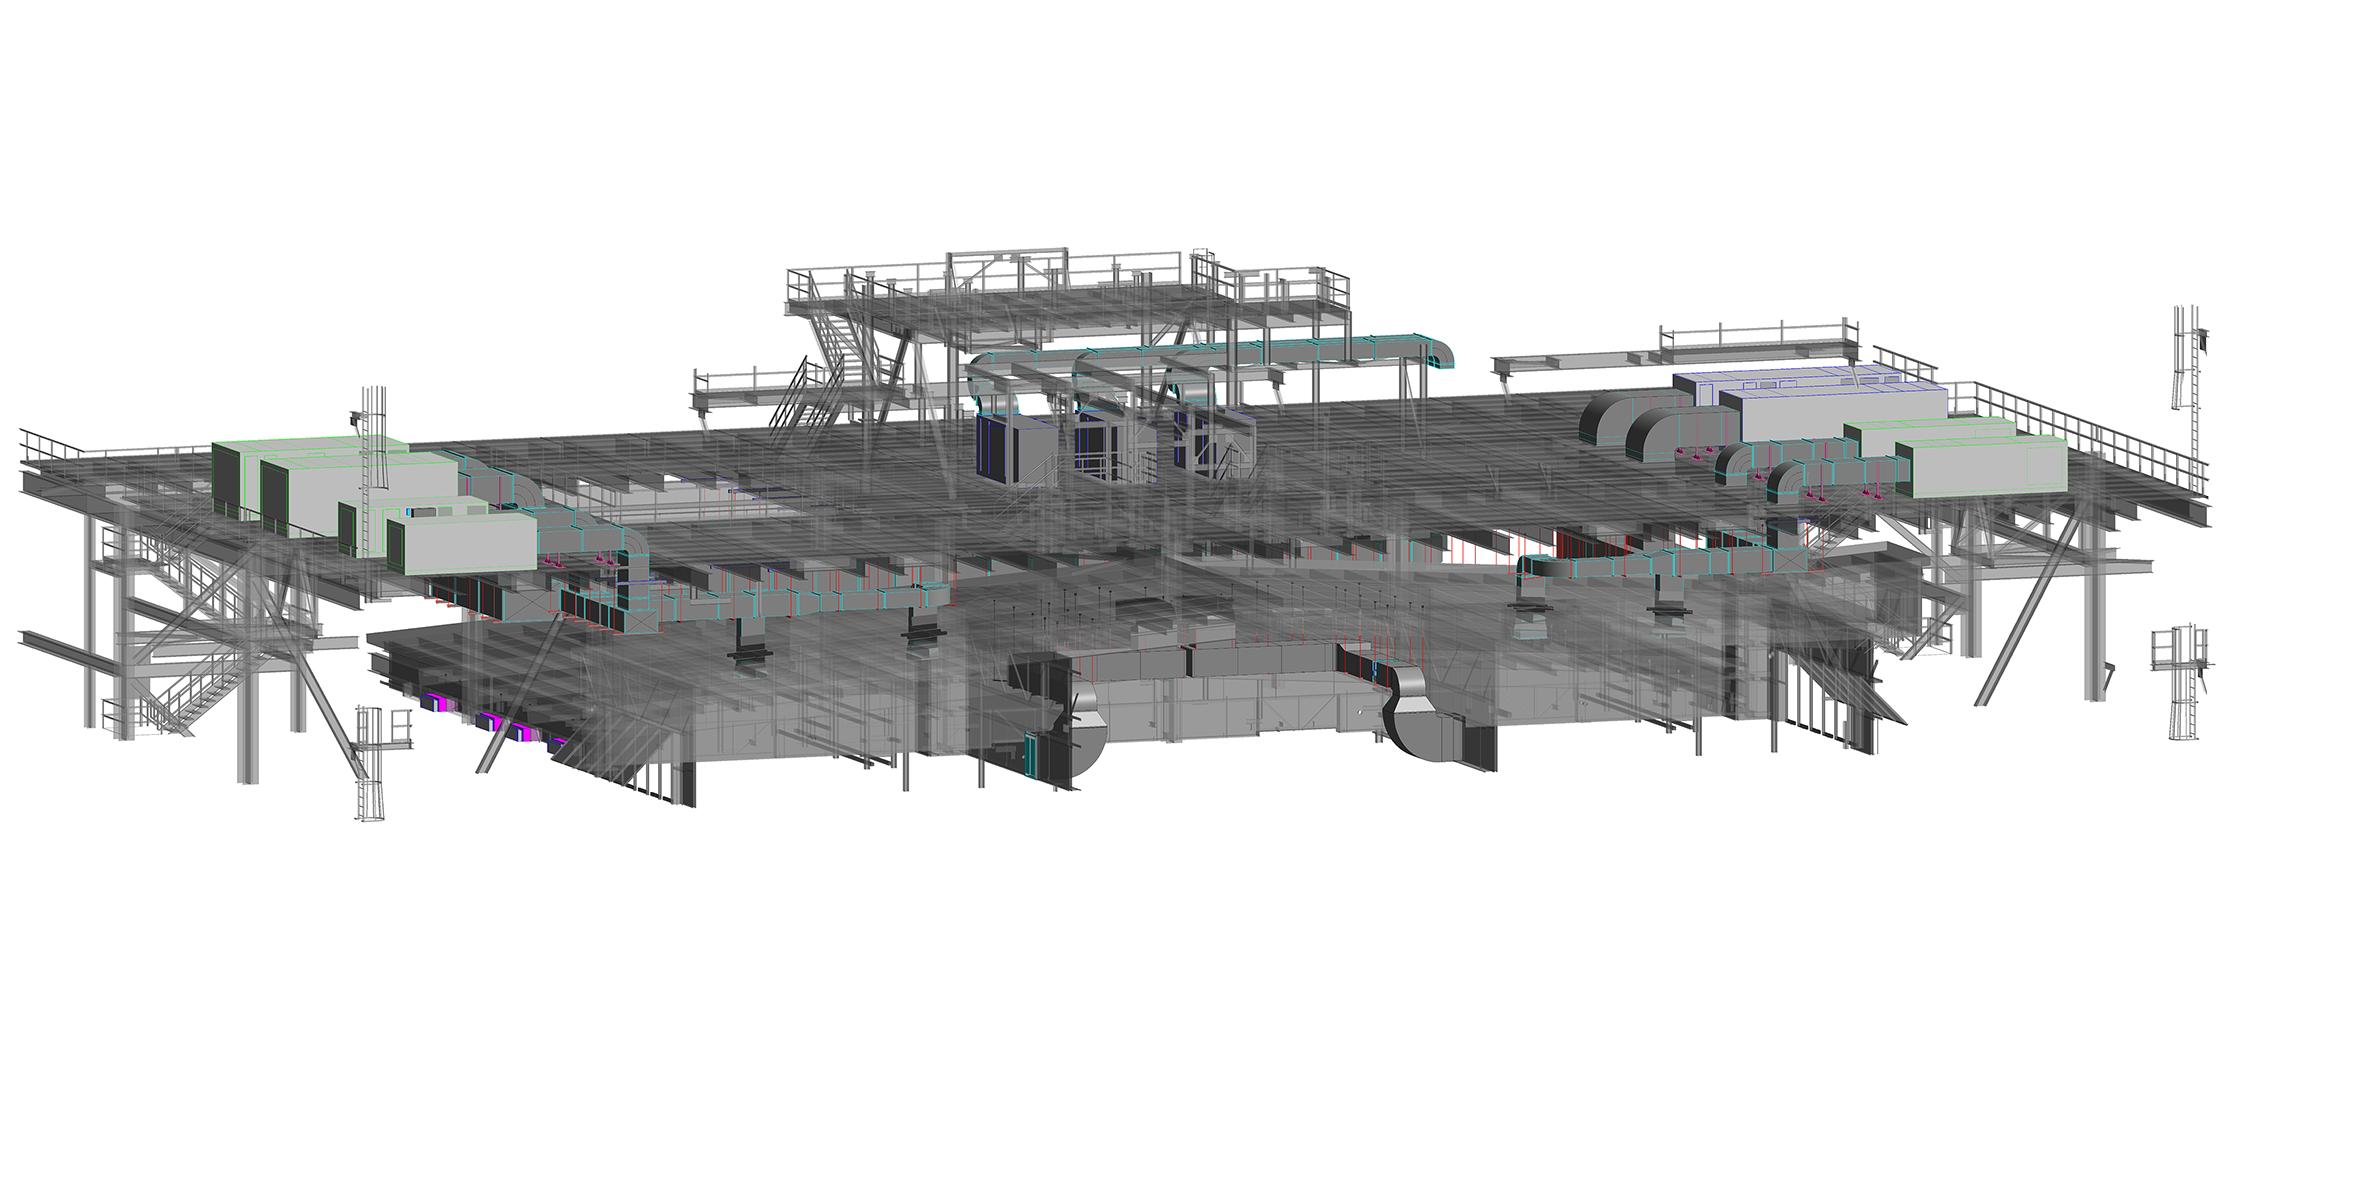 Progettazione e fabbricazione BIM di un Impianto Chimico Integrato in Nordamerica